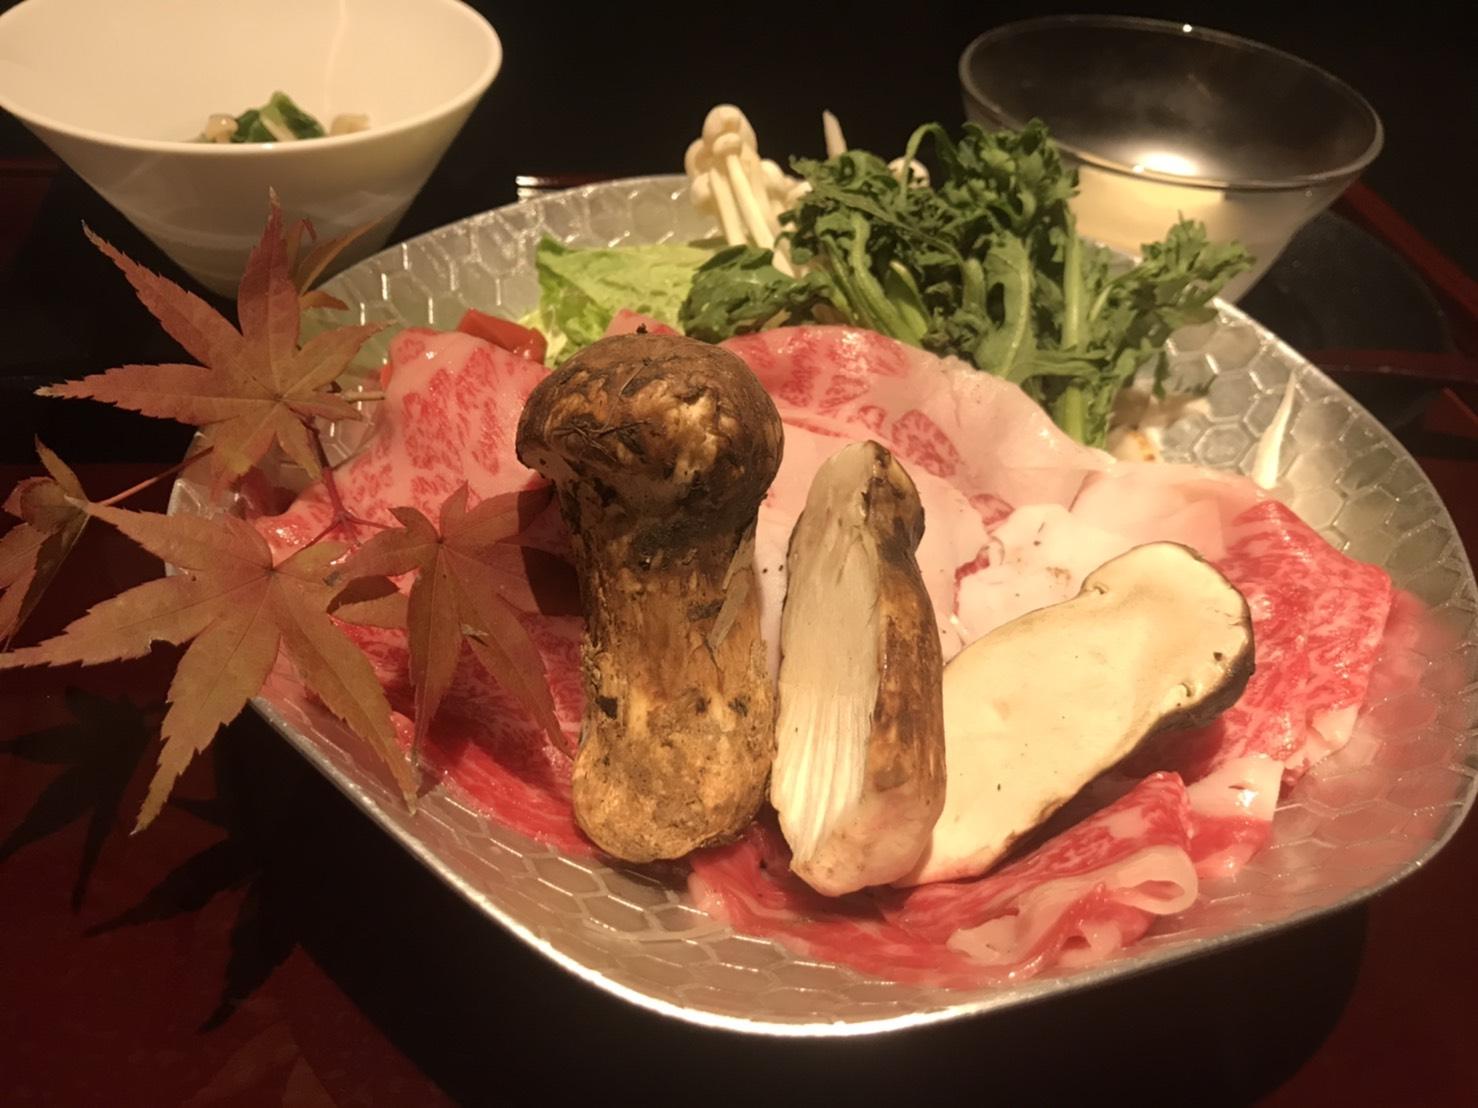 秋の味覚!松茸付き近江牛すき焼き御膳